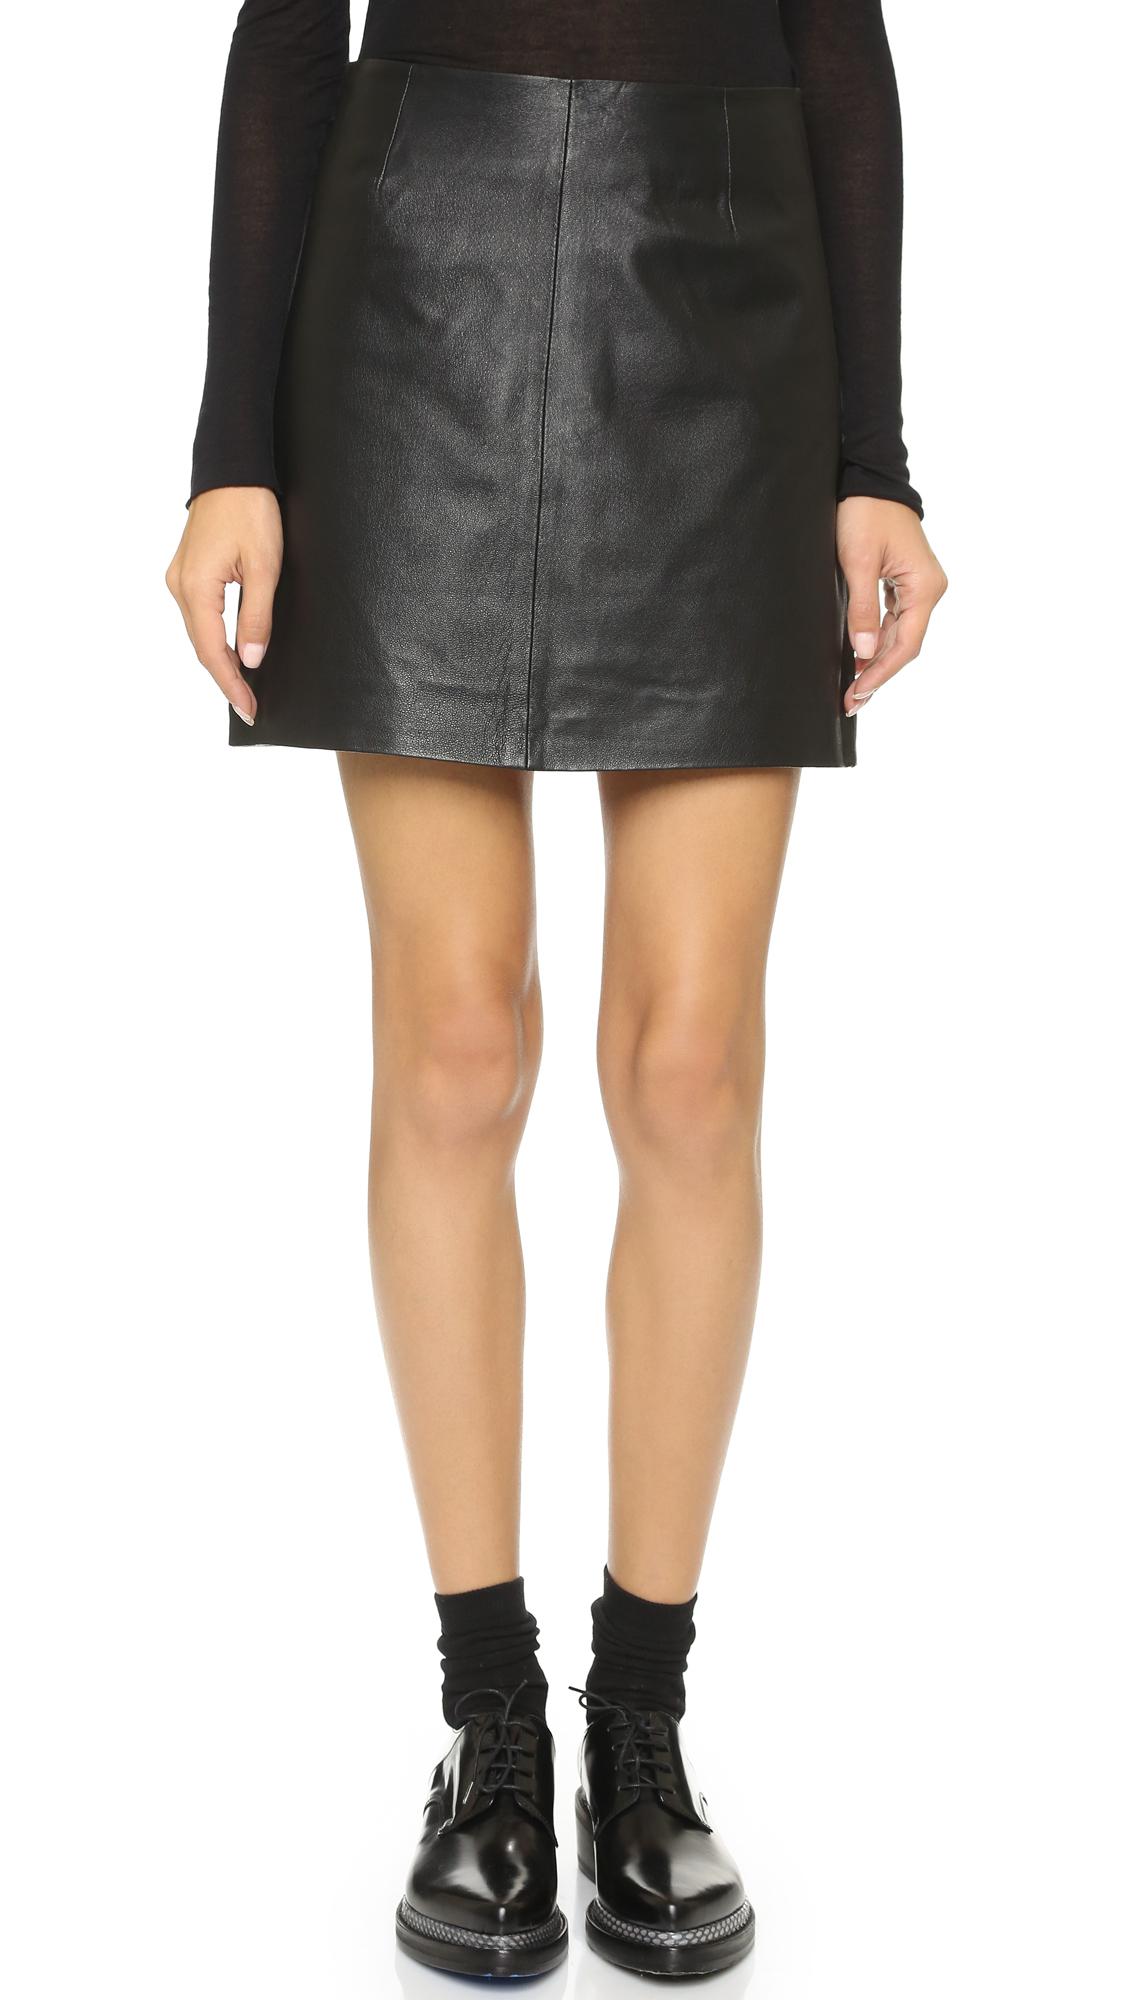 bb dakota emerick leather skirt in black lyst